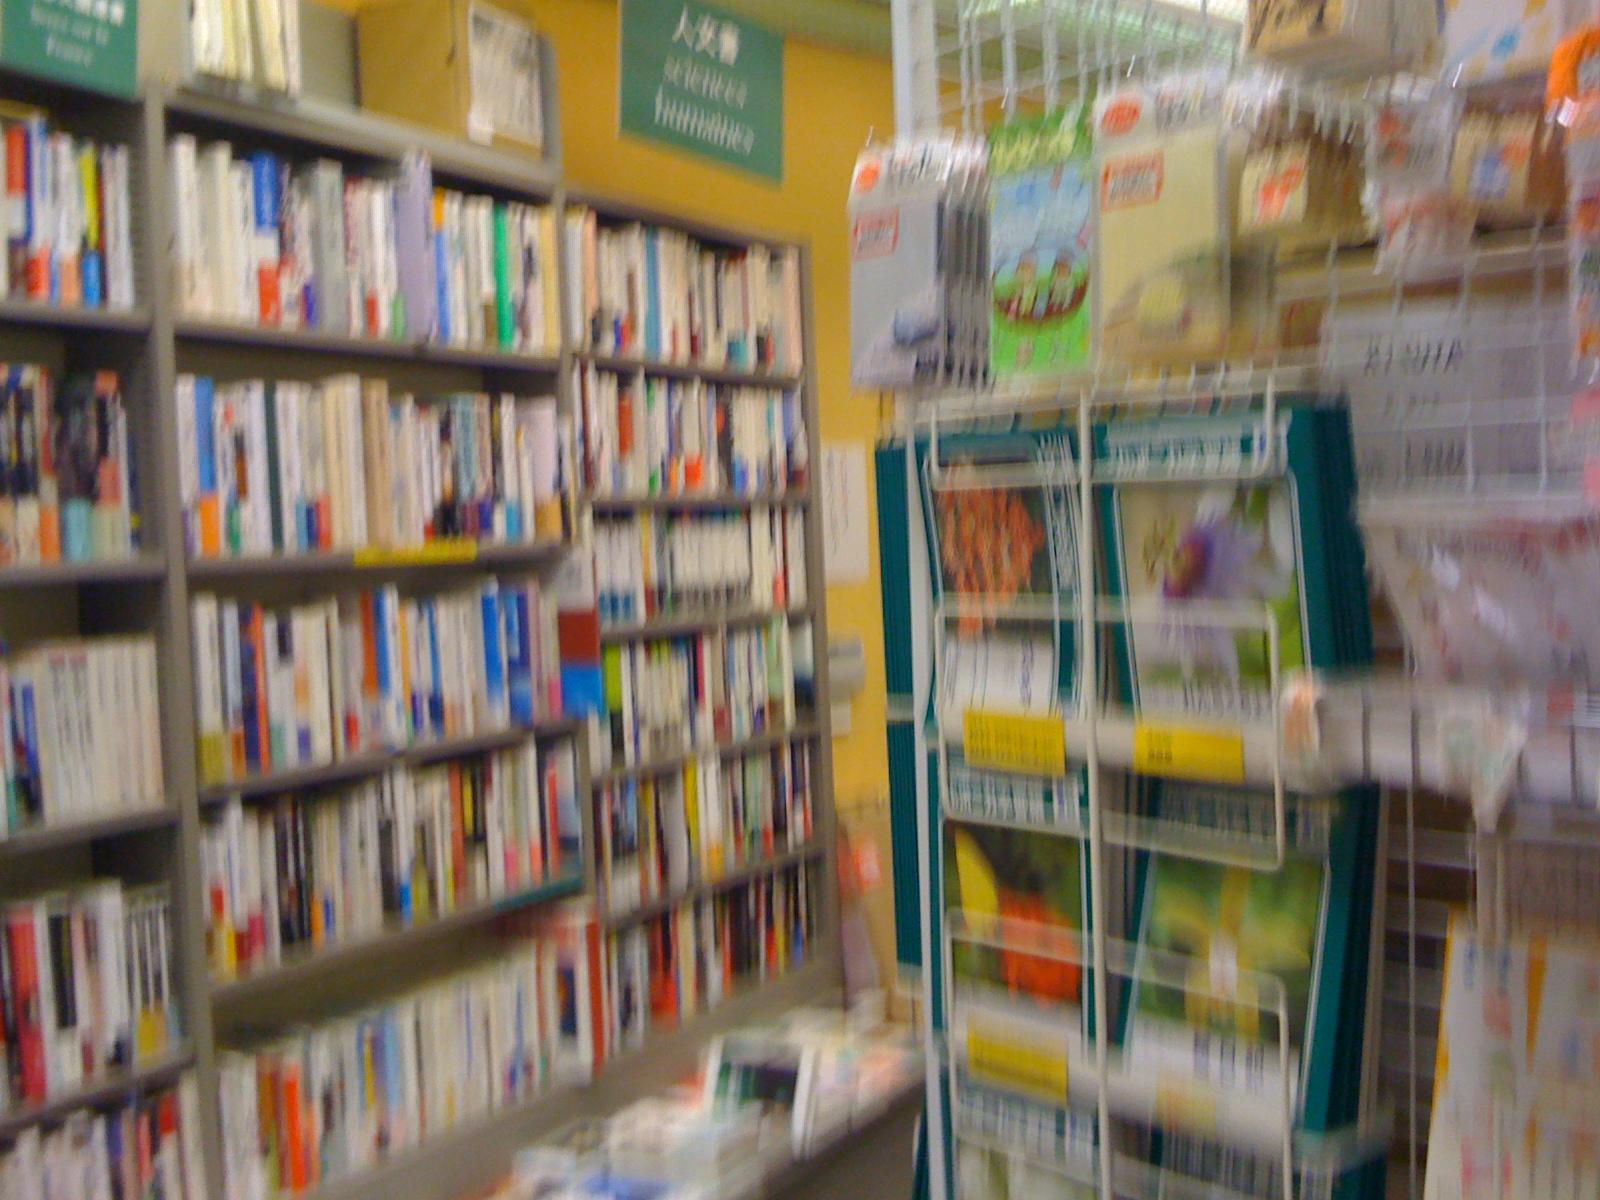 Librairie junku junkudo chiyogami touch - Papeterie japonaise paris ...